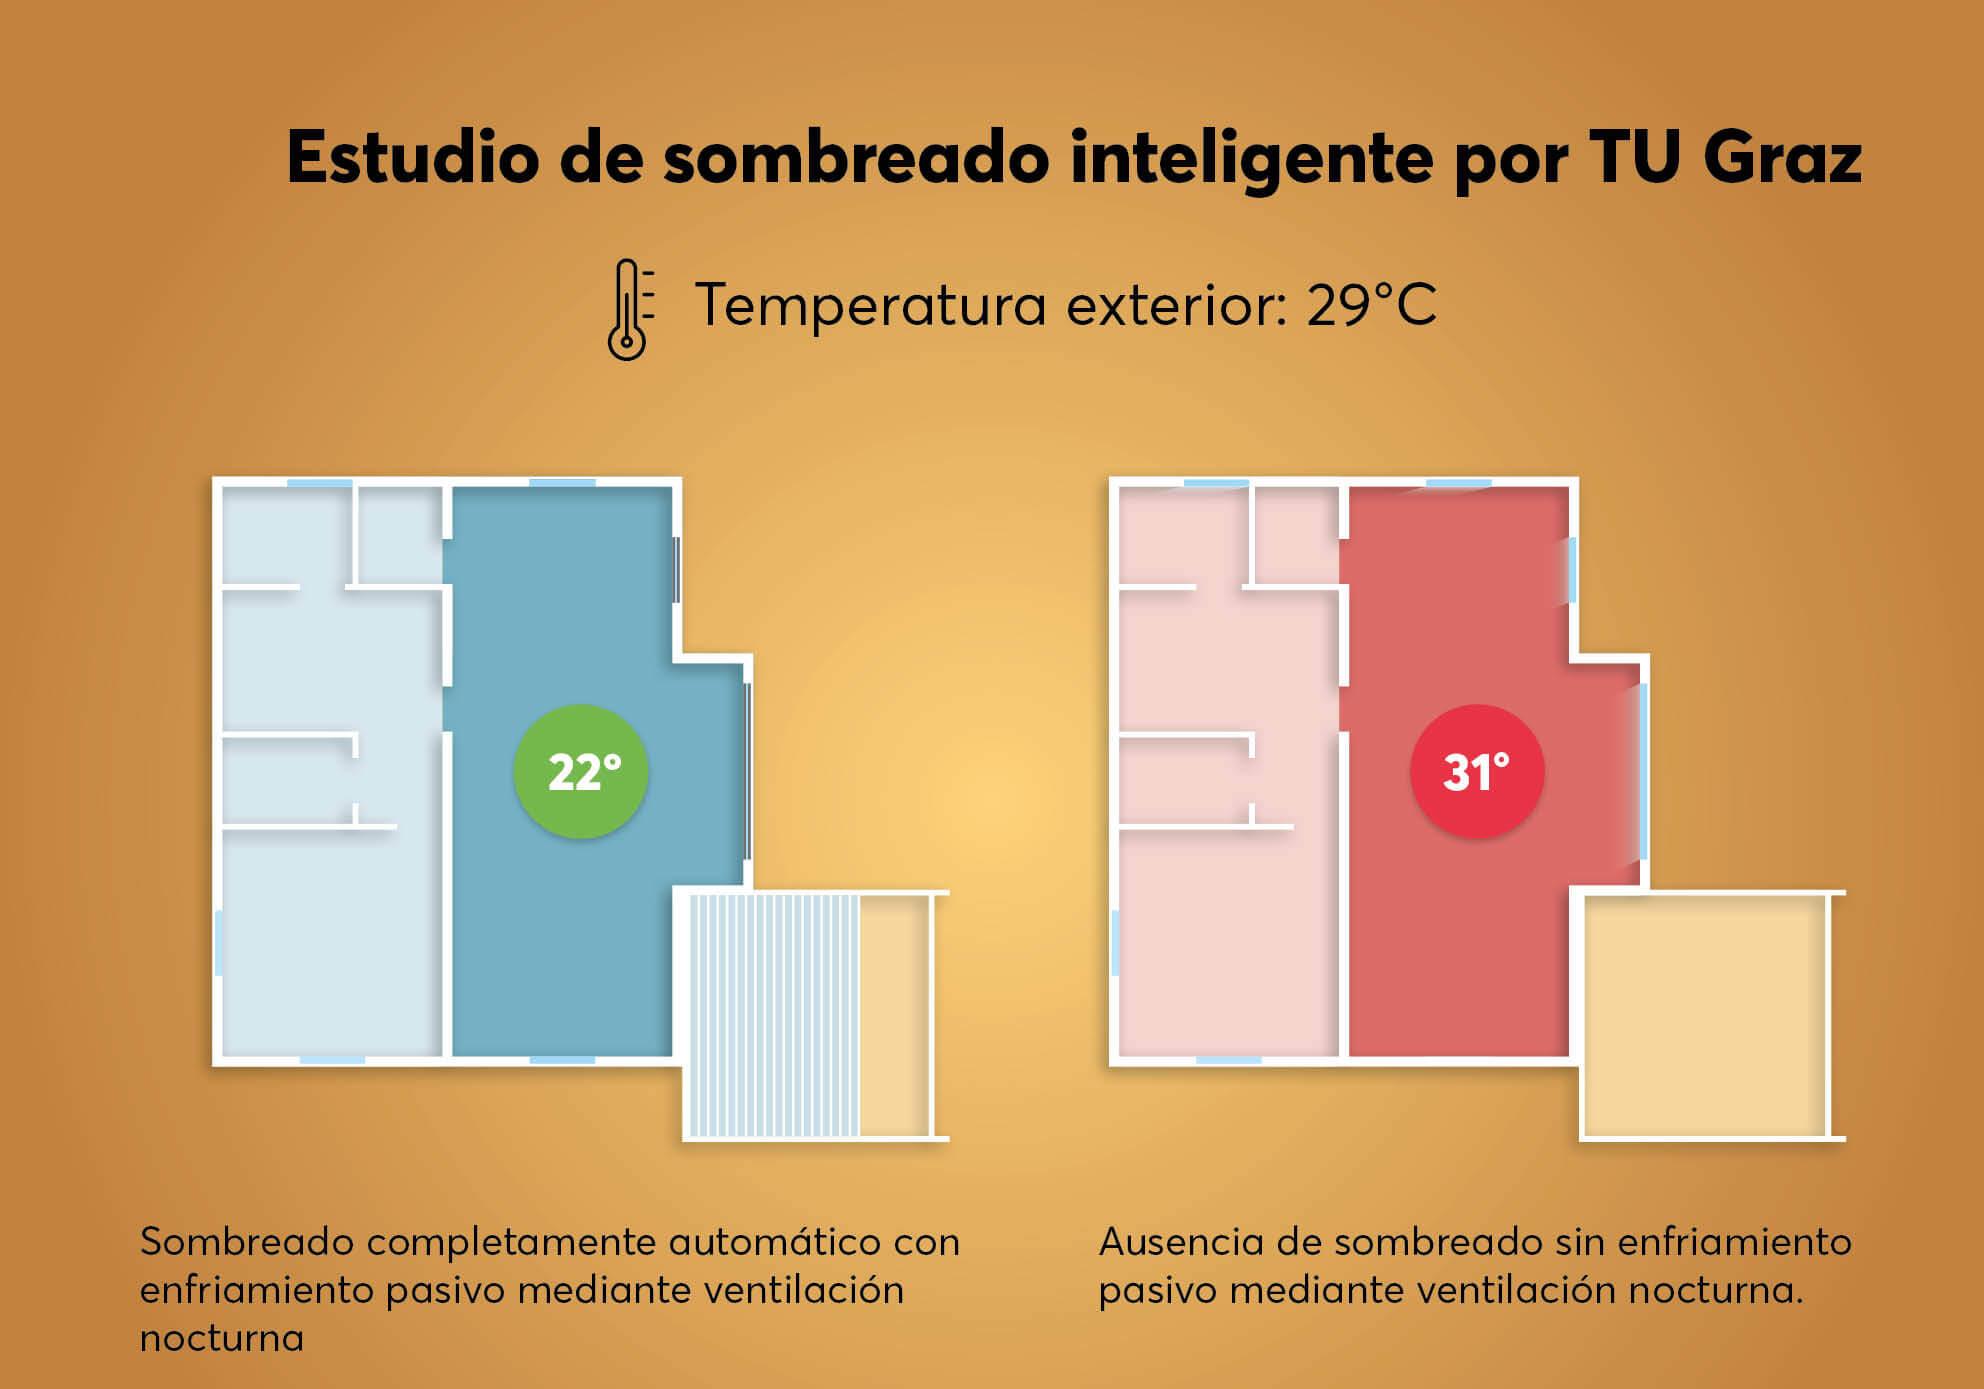 9°C kühleres Zuhause beim Vergleich automatischer Beschattung gegenüber manueller Beschattung